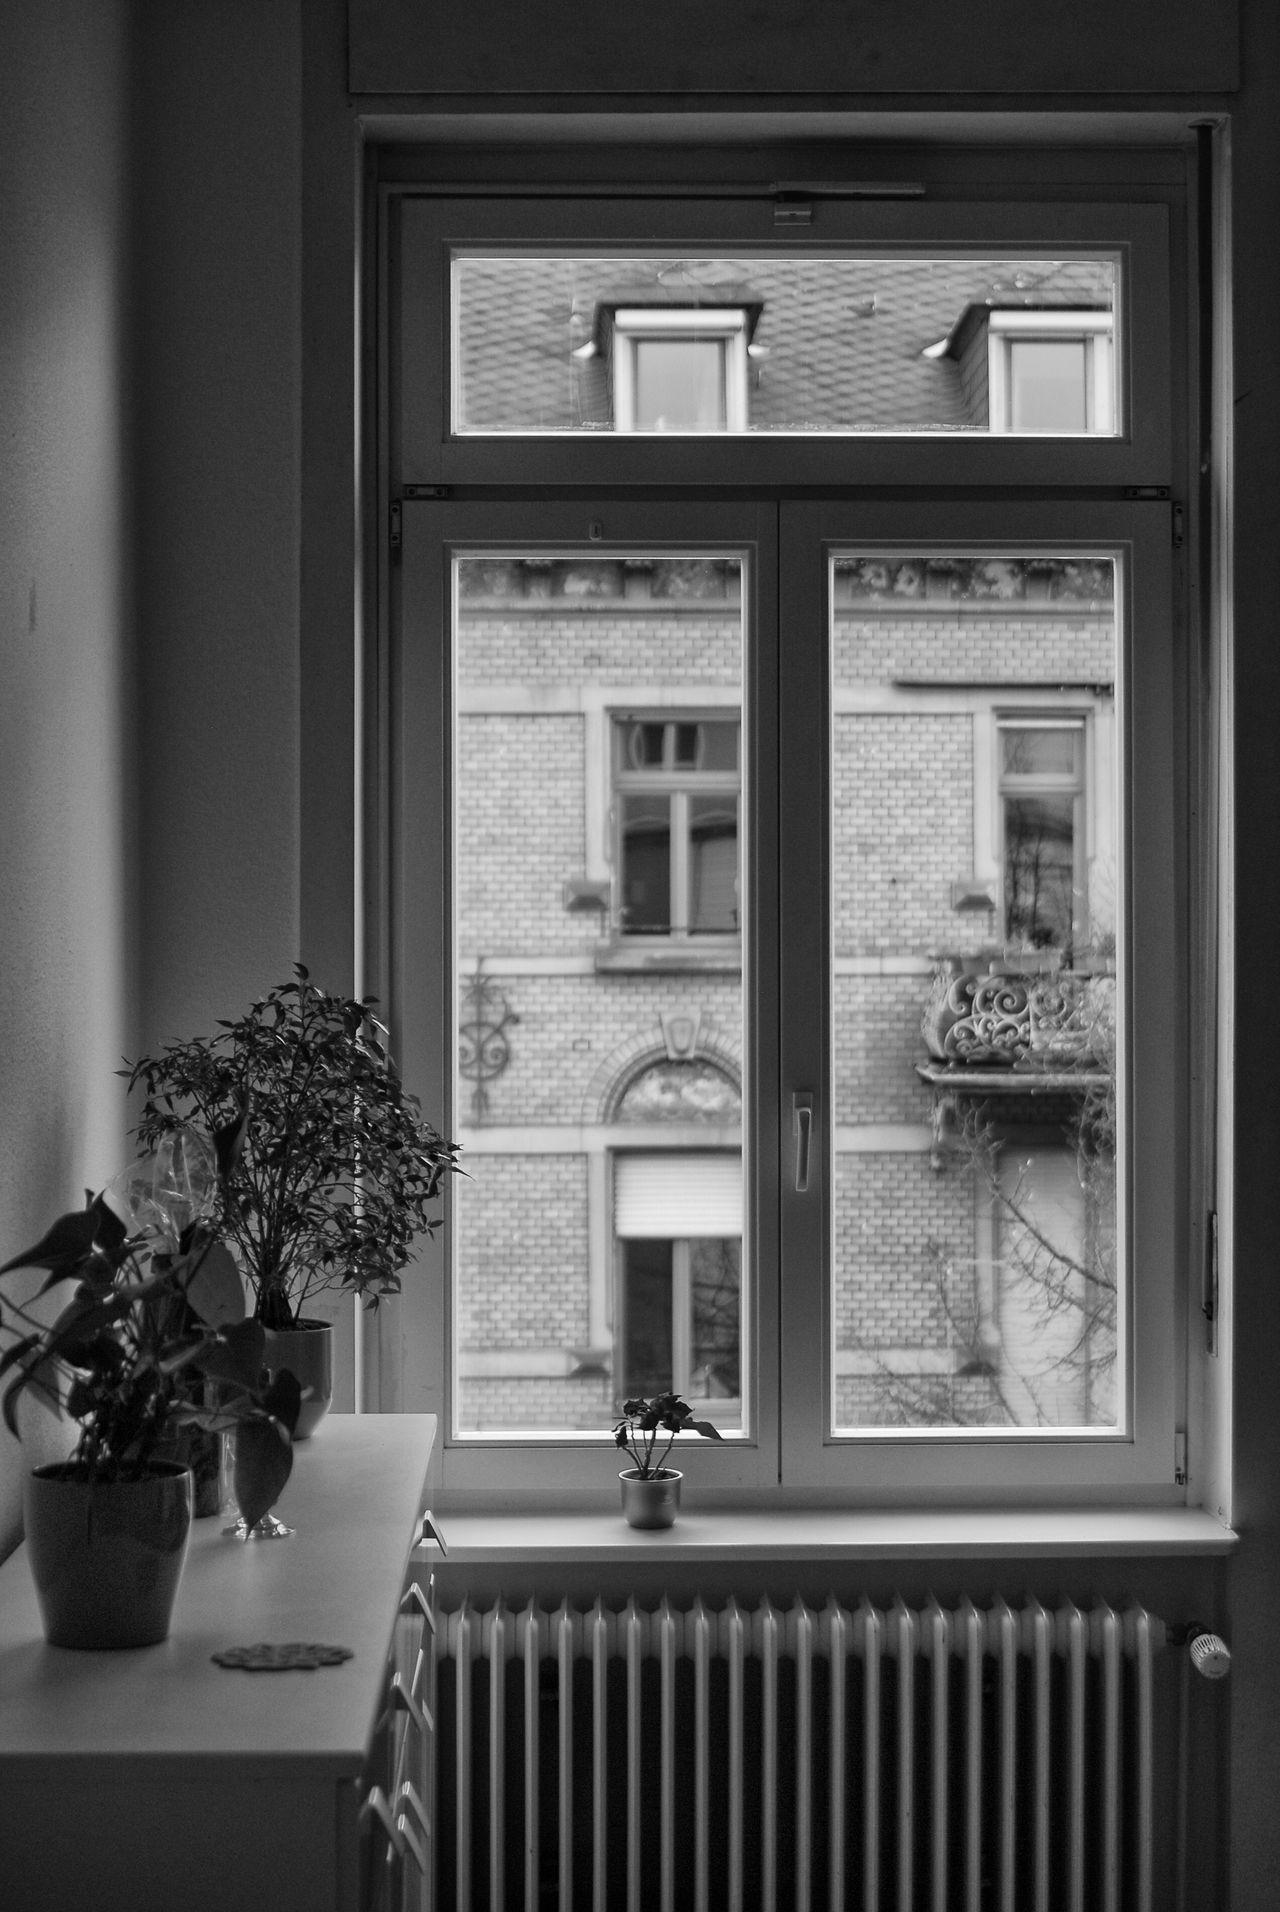 Diningroom Wiesbaden Floor Chair Table Wood Blackandwhite Black And White Black & White Blackandwhite Photography Black&white Black And White Photography Blackandwhitephotography No People Diningroom Window Windows Window View